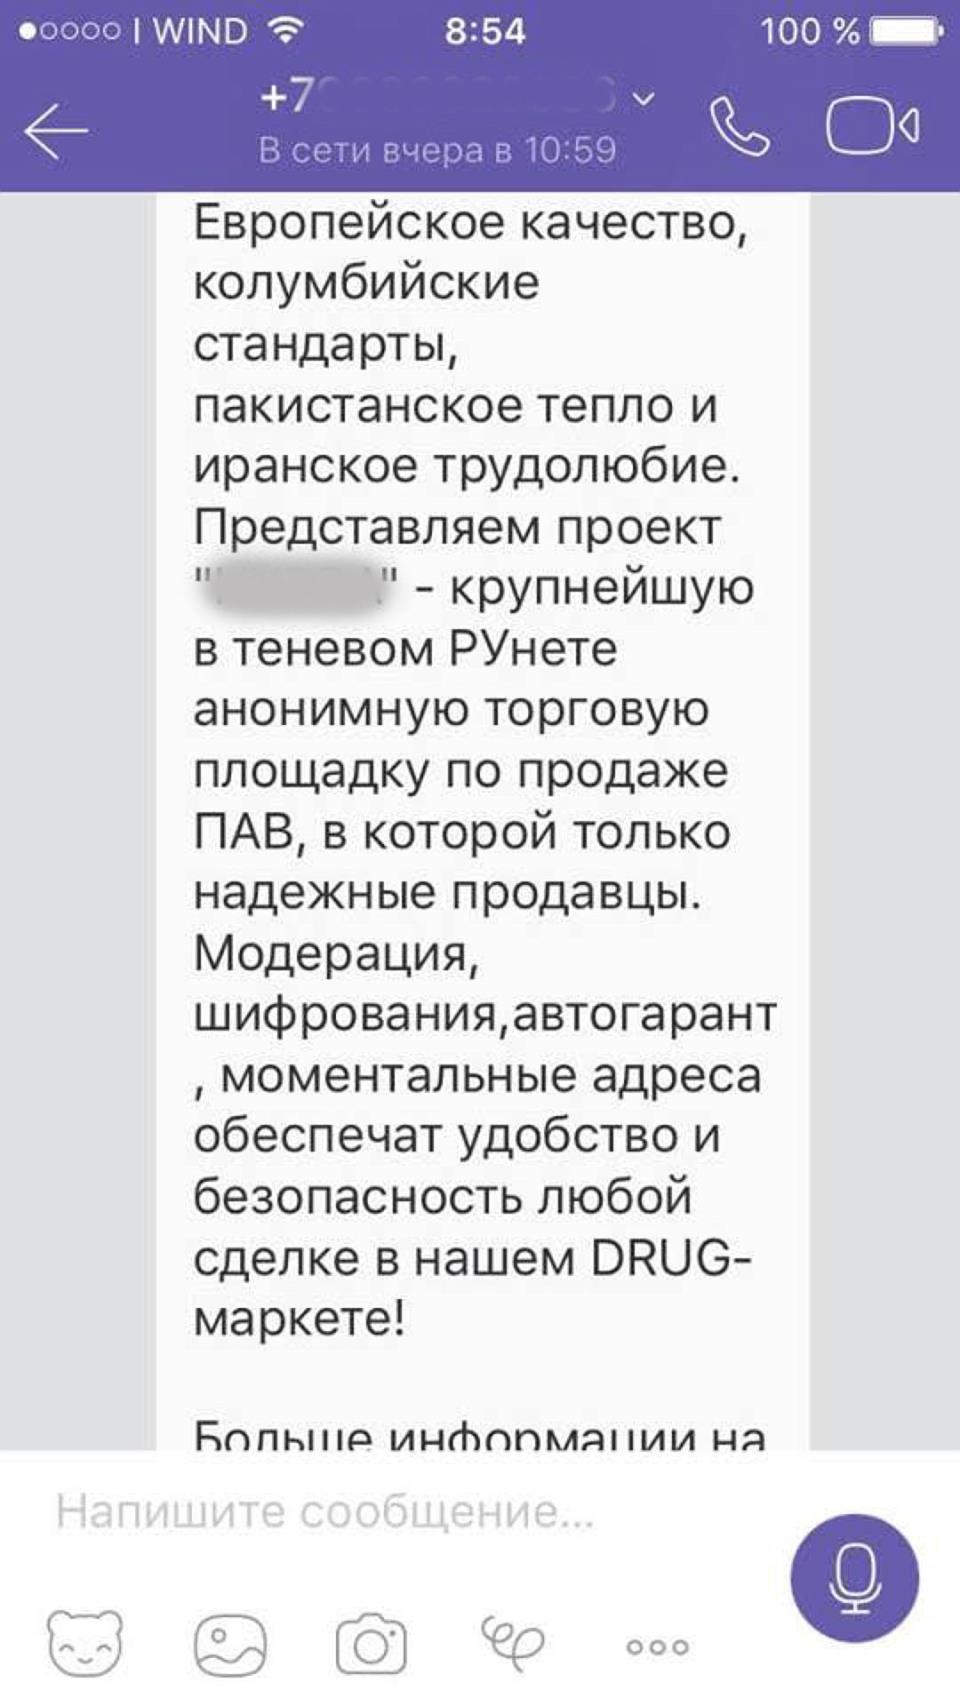 Пользователи соцсетей выкладывают сотни скриншотов с сообщениями от накоторговцев